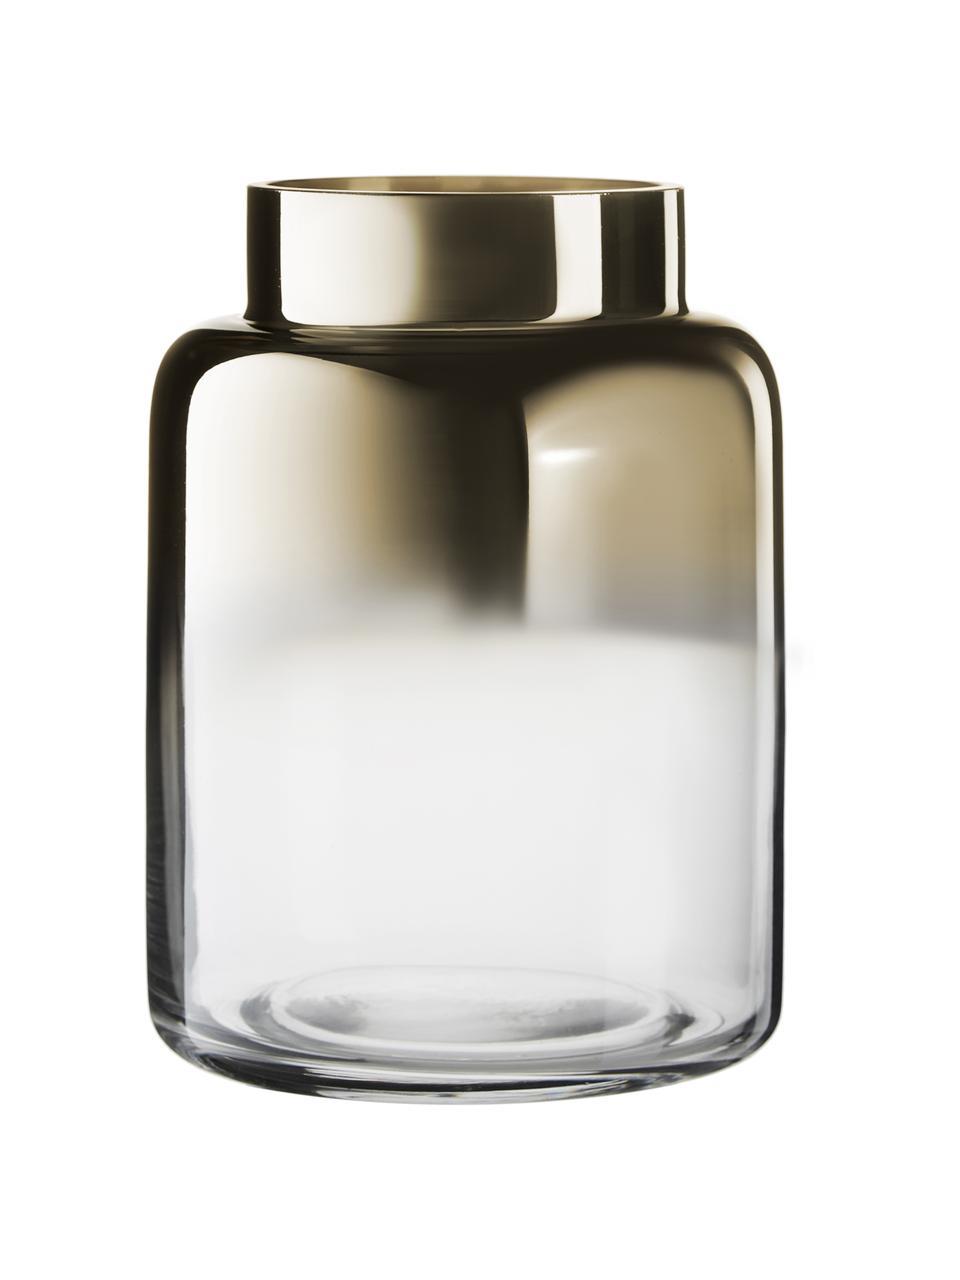 Vase en verre soufflé bouche Uma, Transparent, or